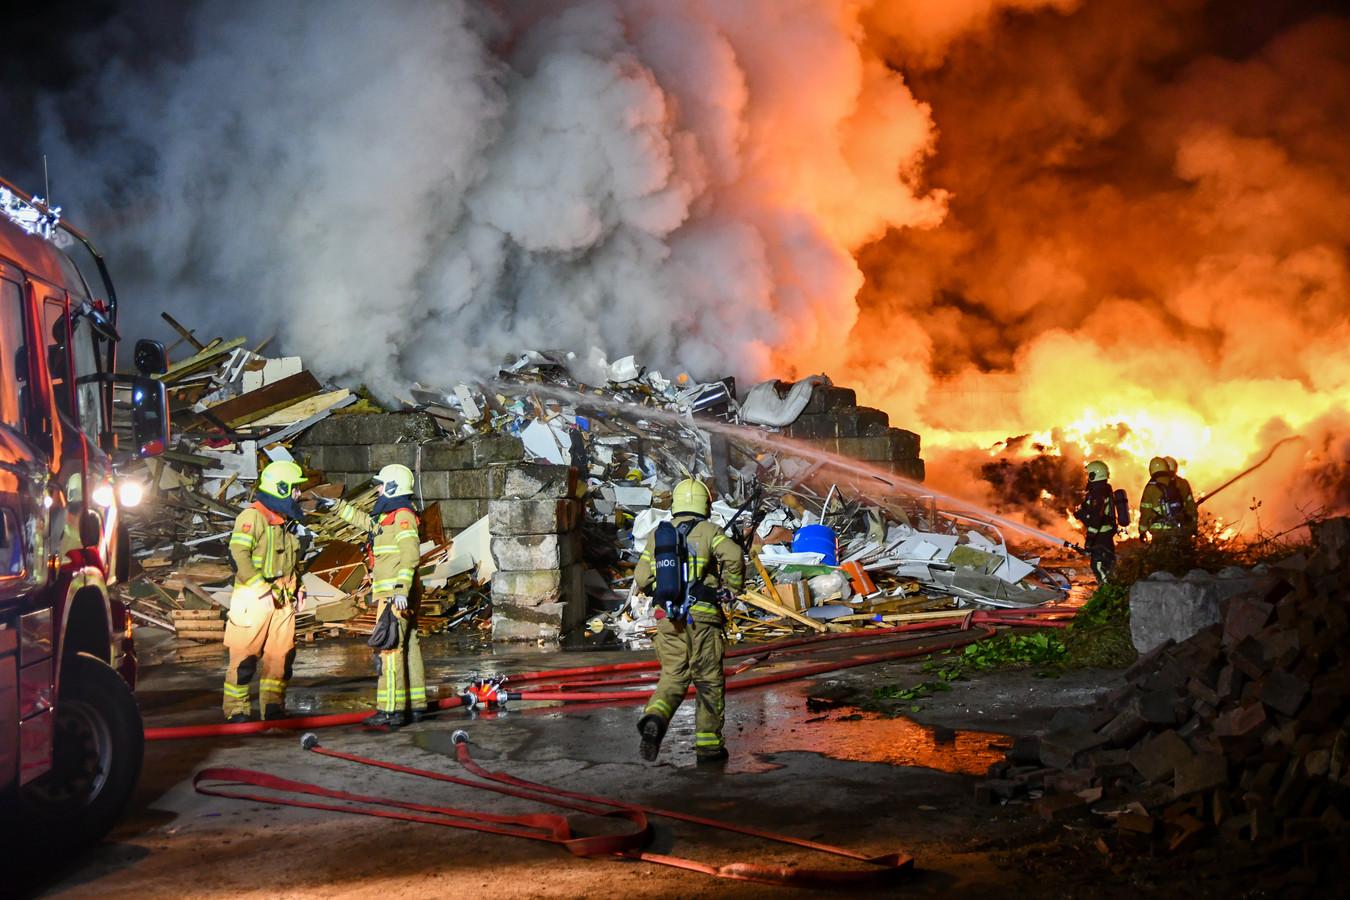 De brandende afvalberg werd door de brandweer uit elkaar getrokken en in twee aparte vakken geblust.